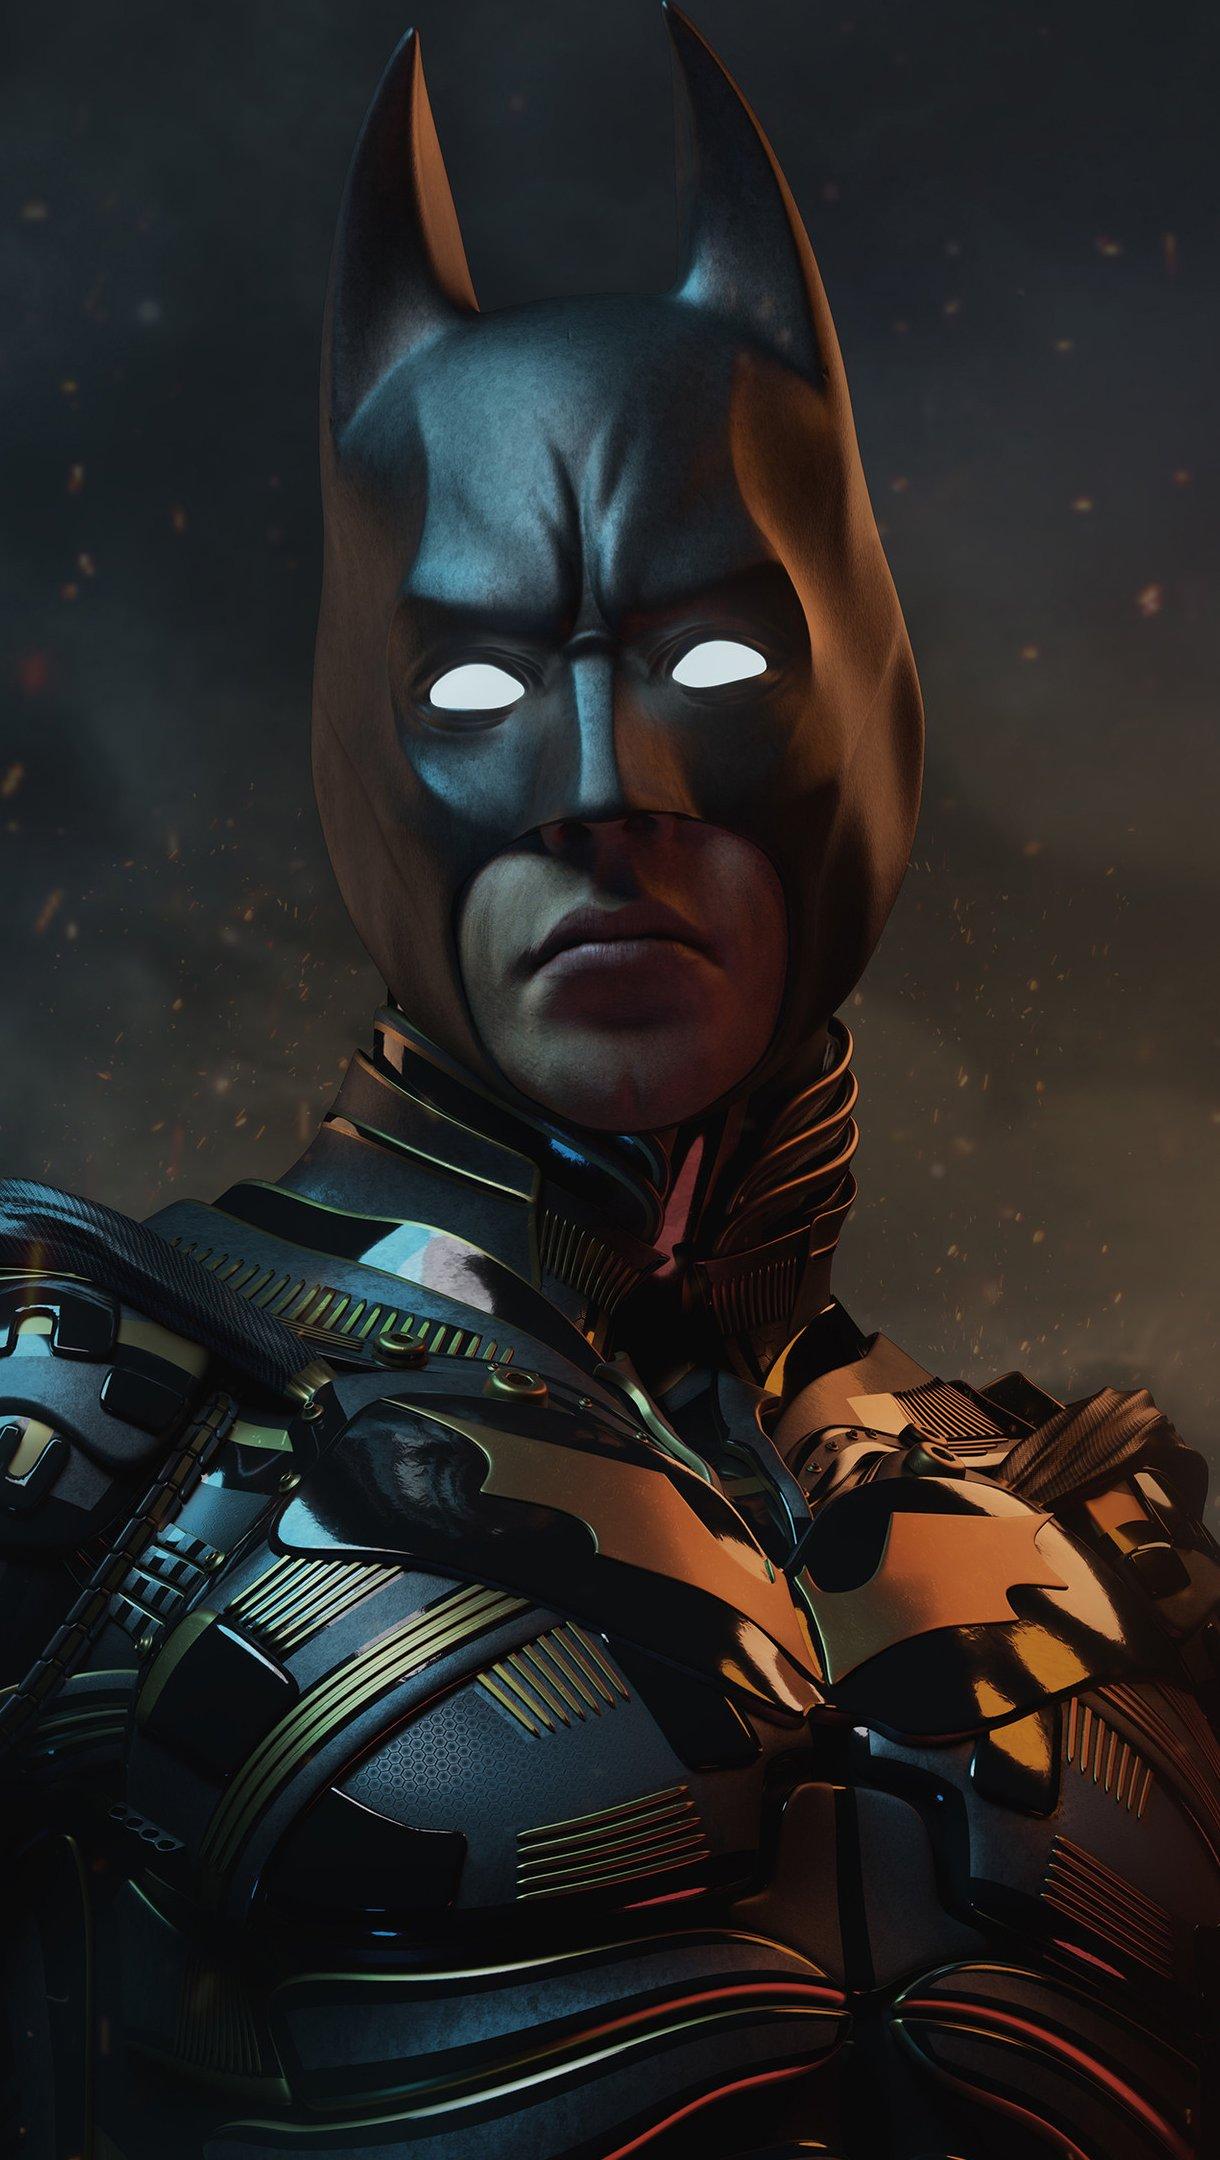 Fondos de pantalla Christian Bale as Batman Vertical